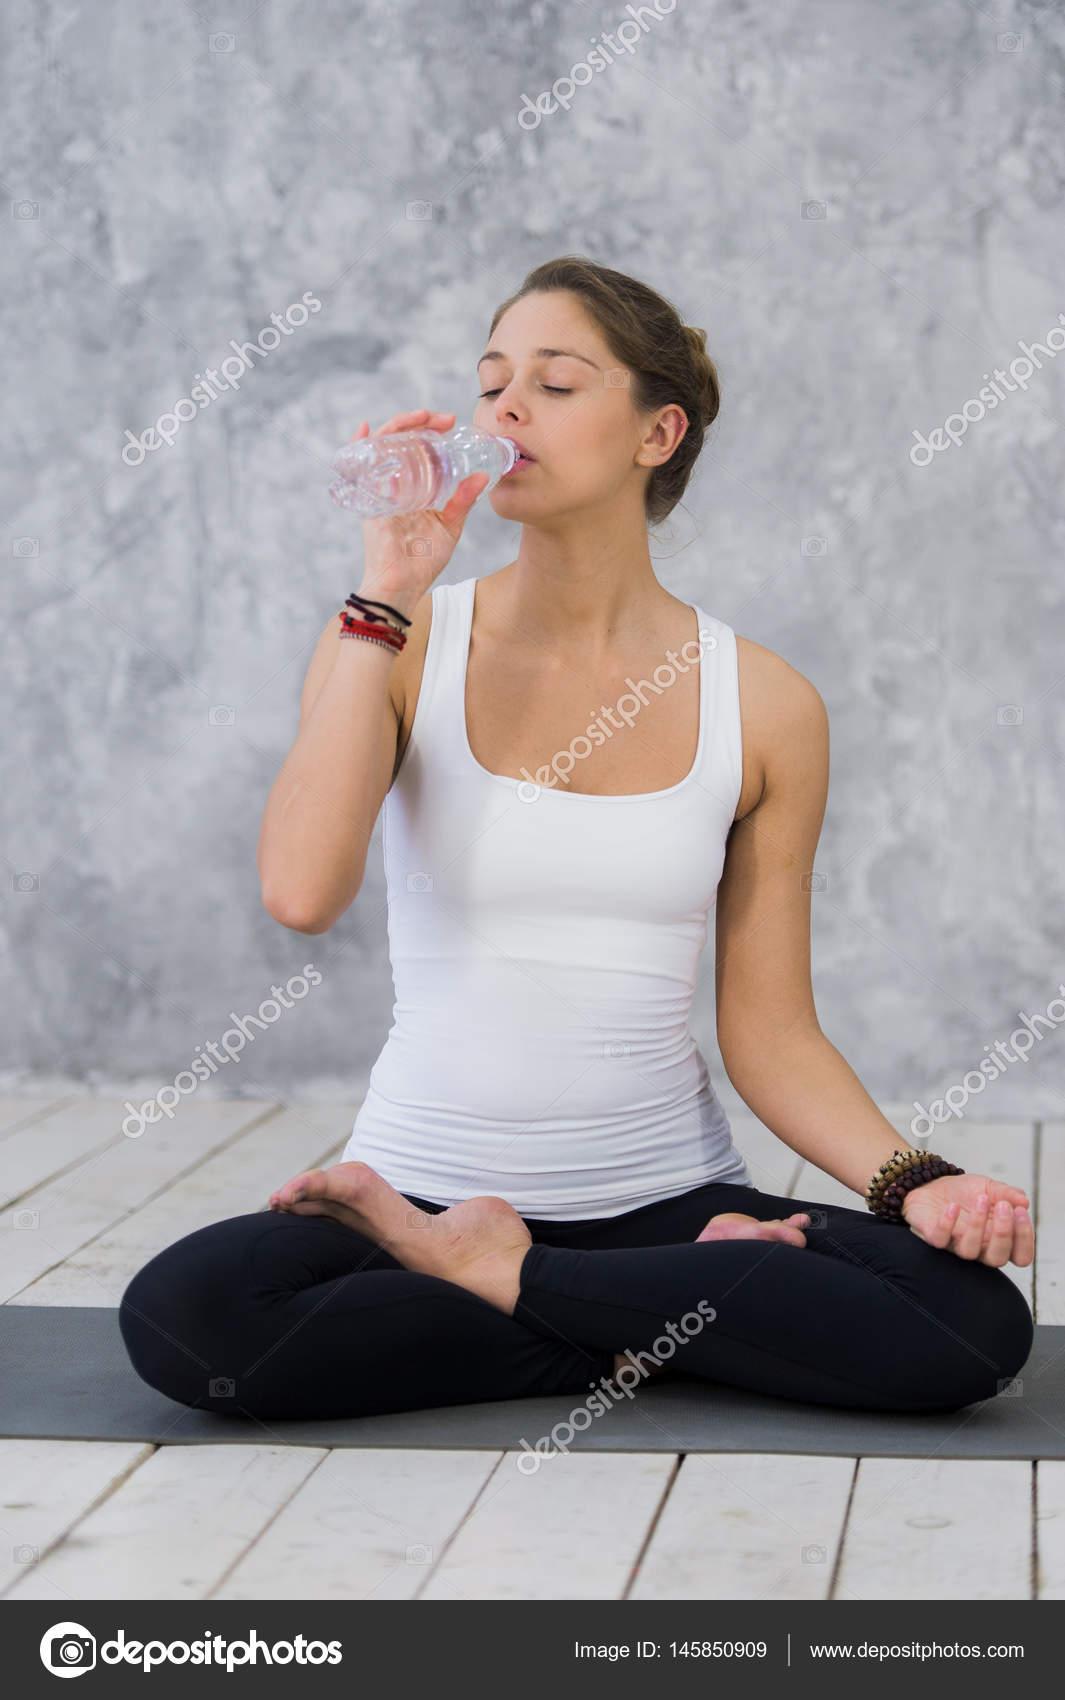 Sensation de soif. Fatigué des jeunes femmes dans le sport ... b4d83f5fb6d